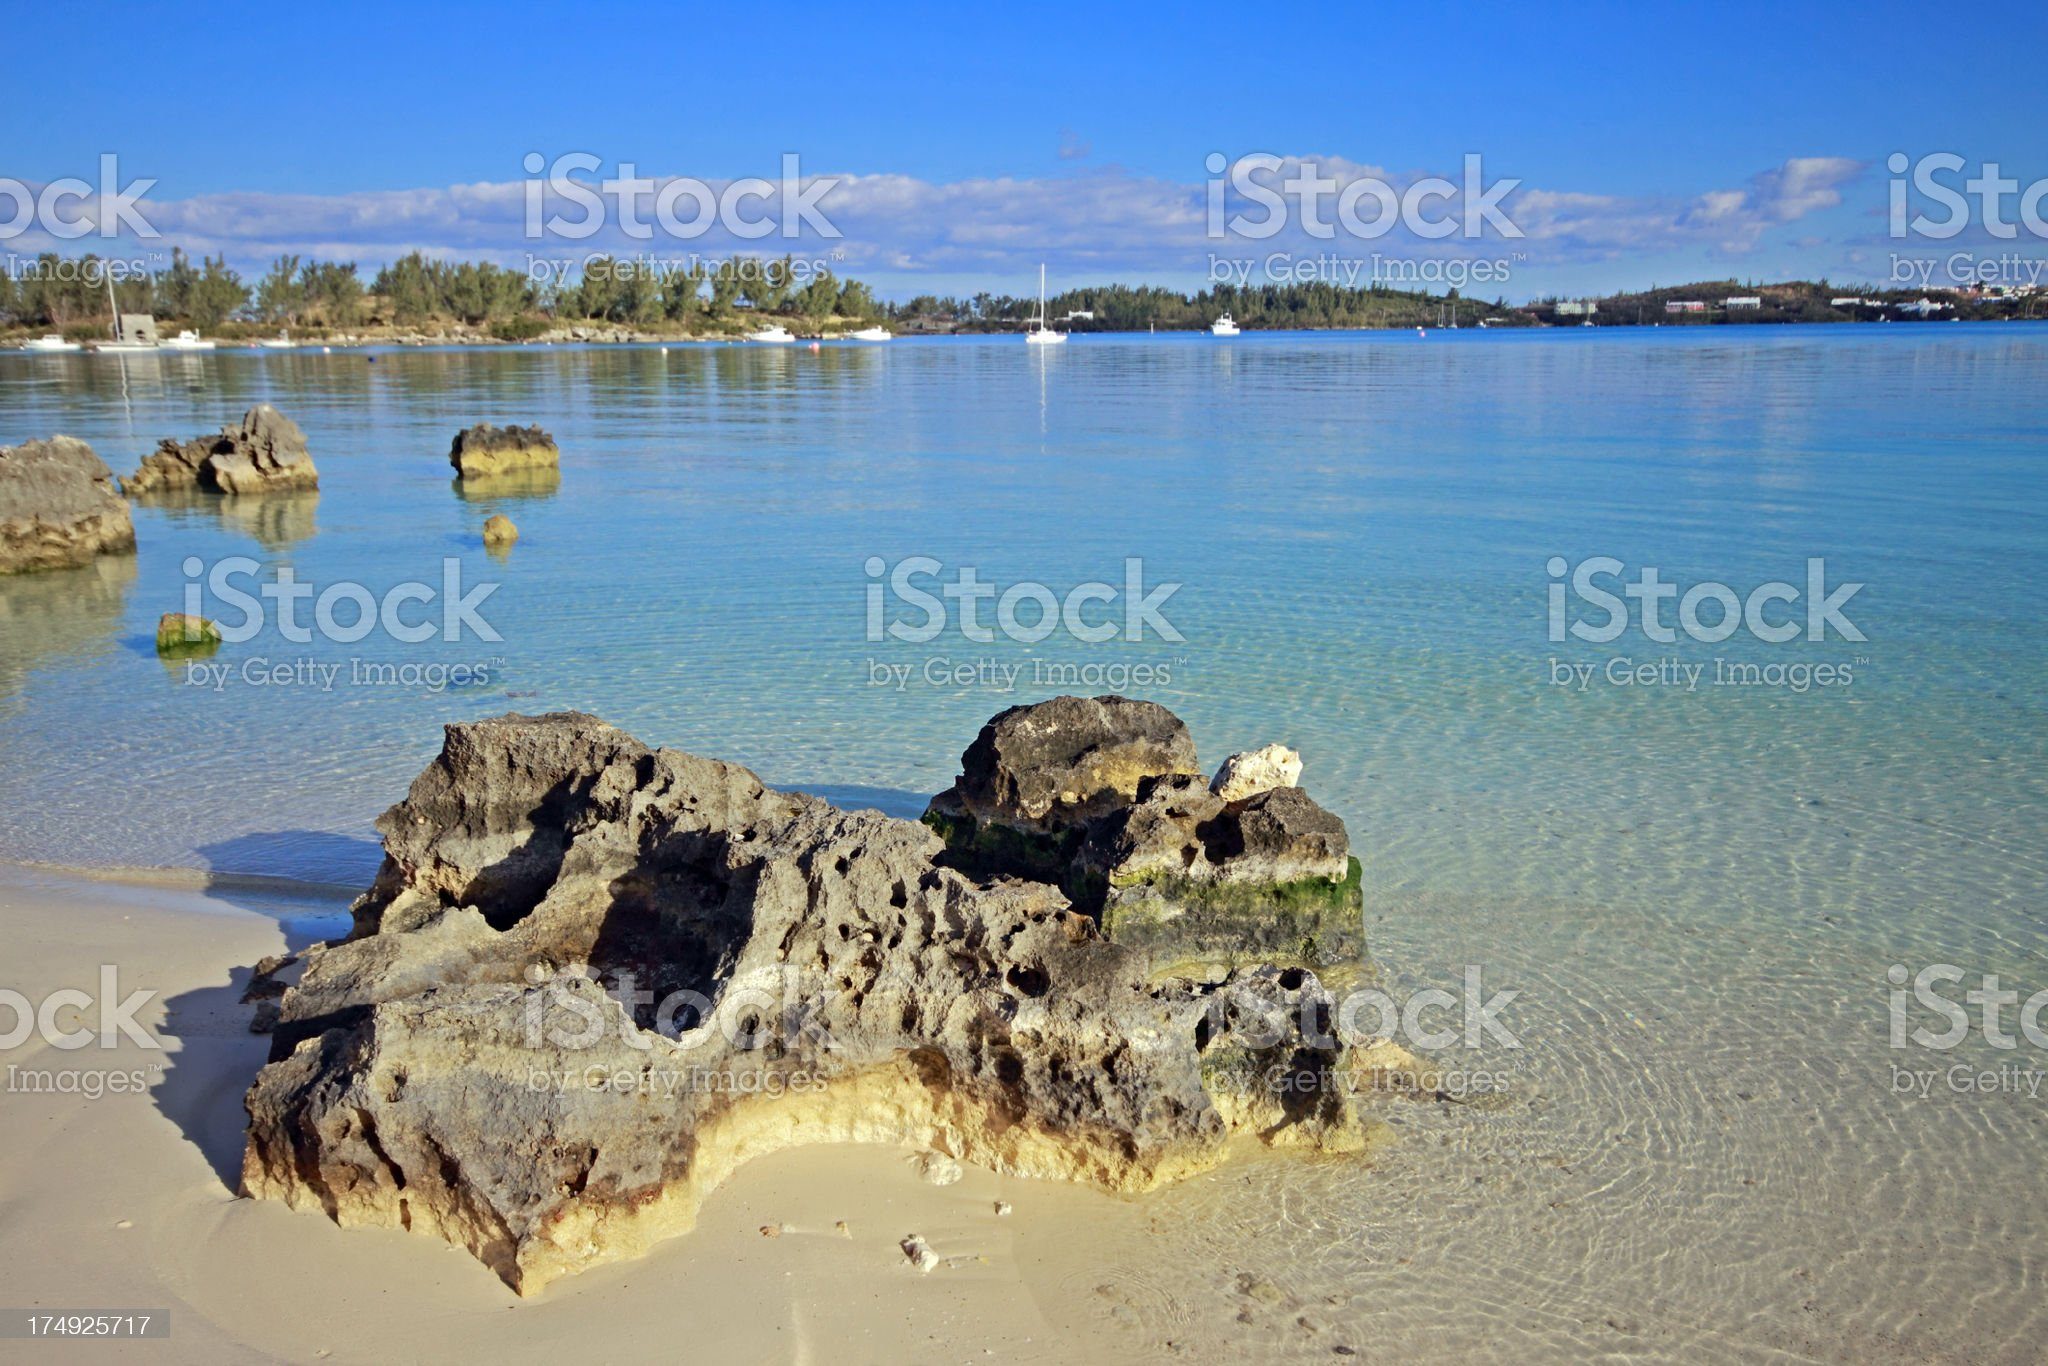 Grotto Bay Beach royalty-free stock photo